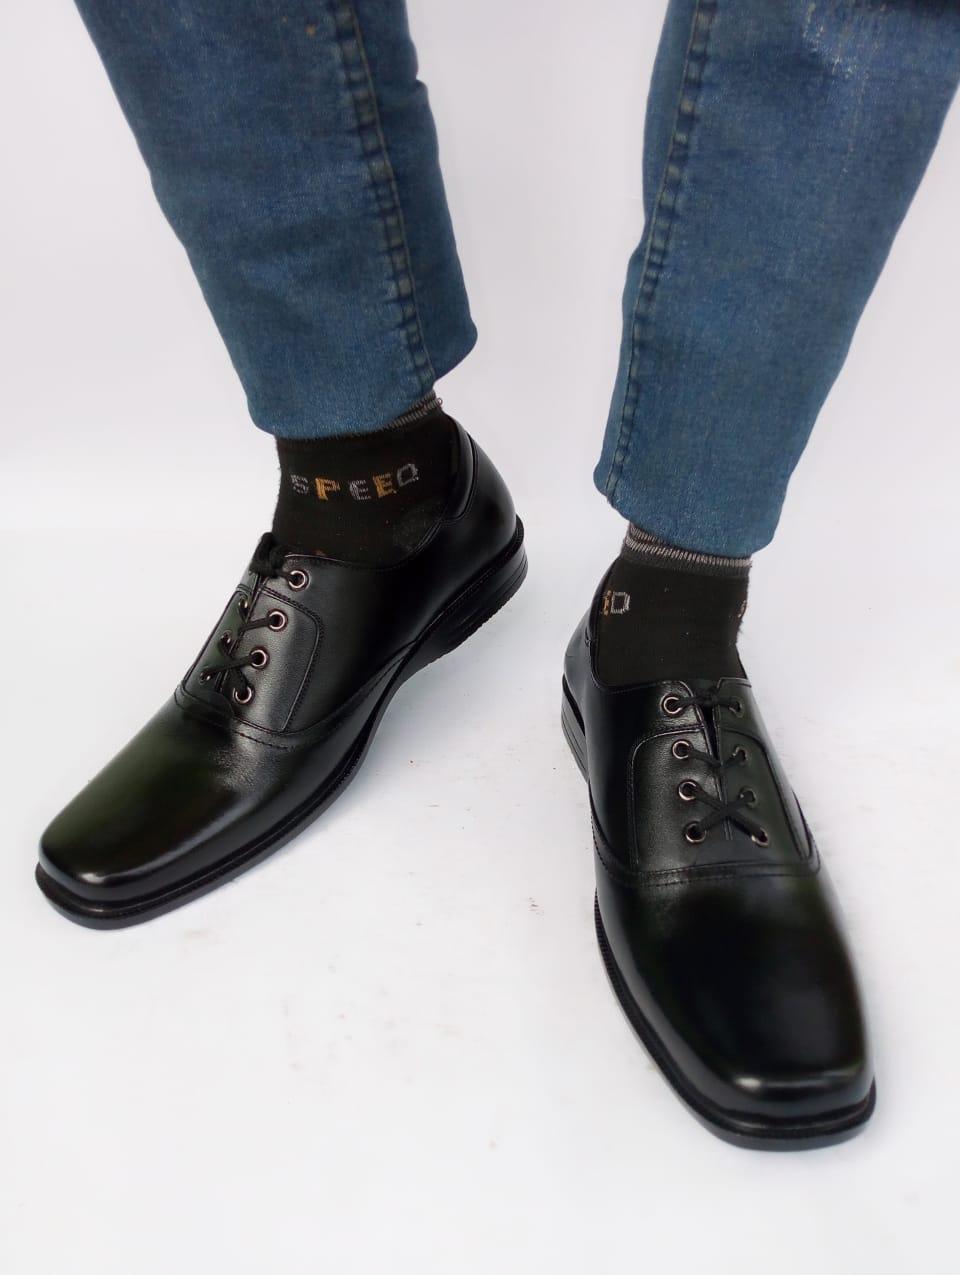 Kelebihan Sepatu Pdh Boot Pria Kulit Asli Rasheda Fdhrl Glossy Cepc Cocoes Pantofel Formal K 22